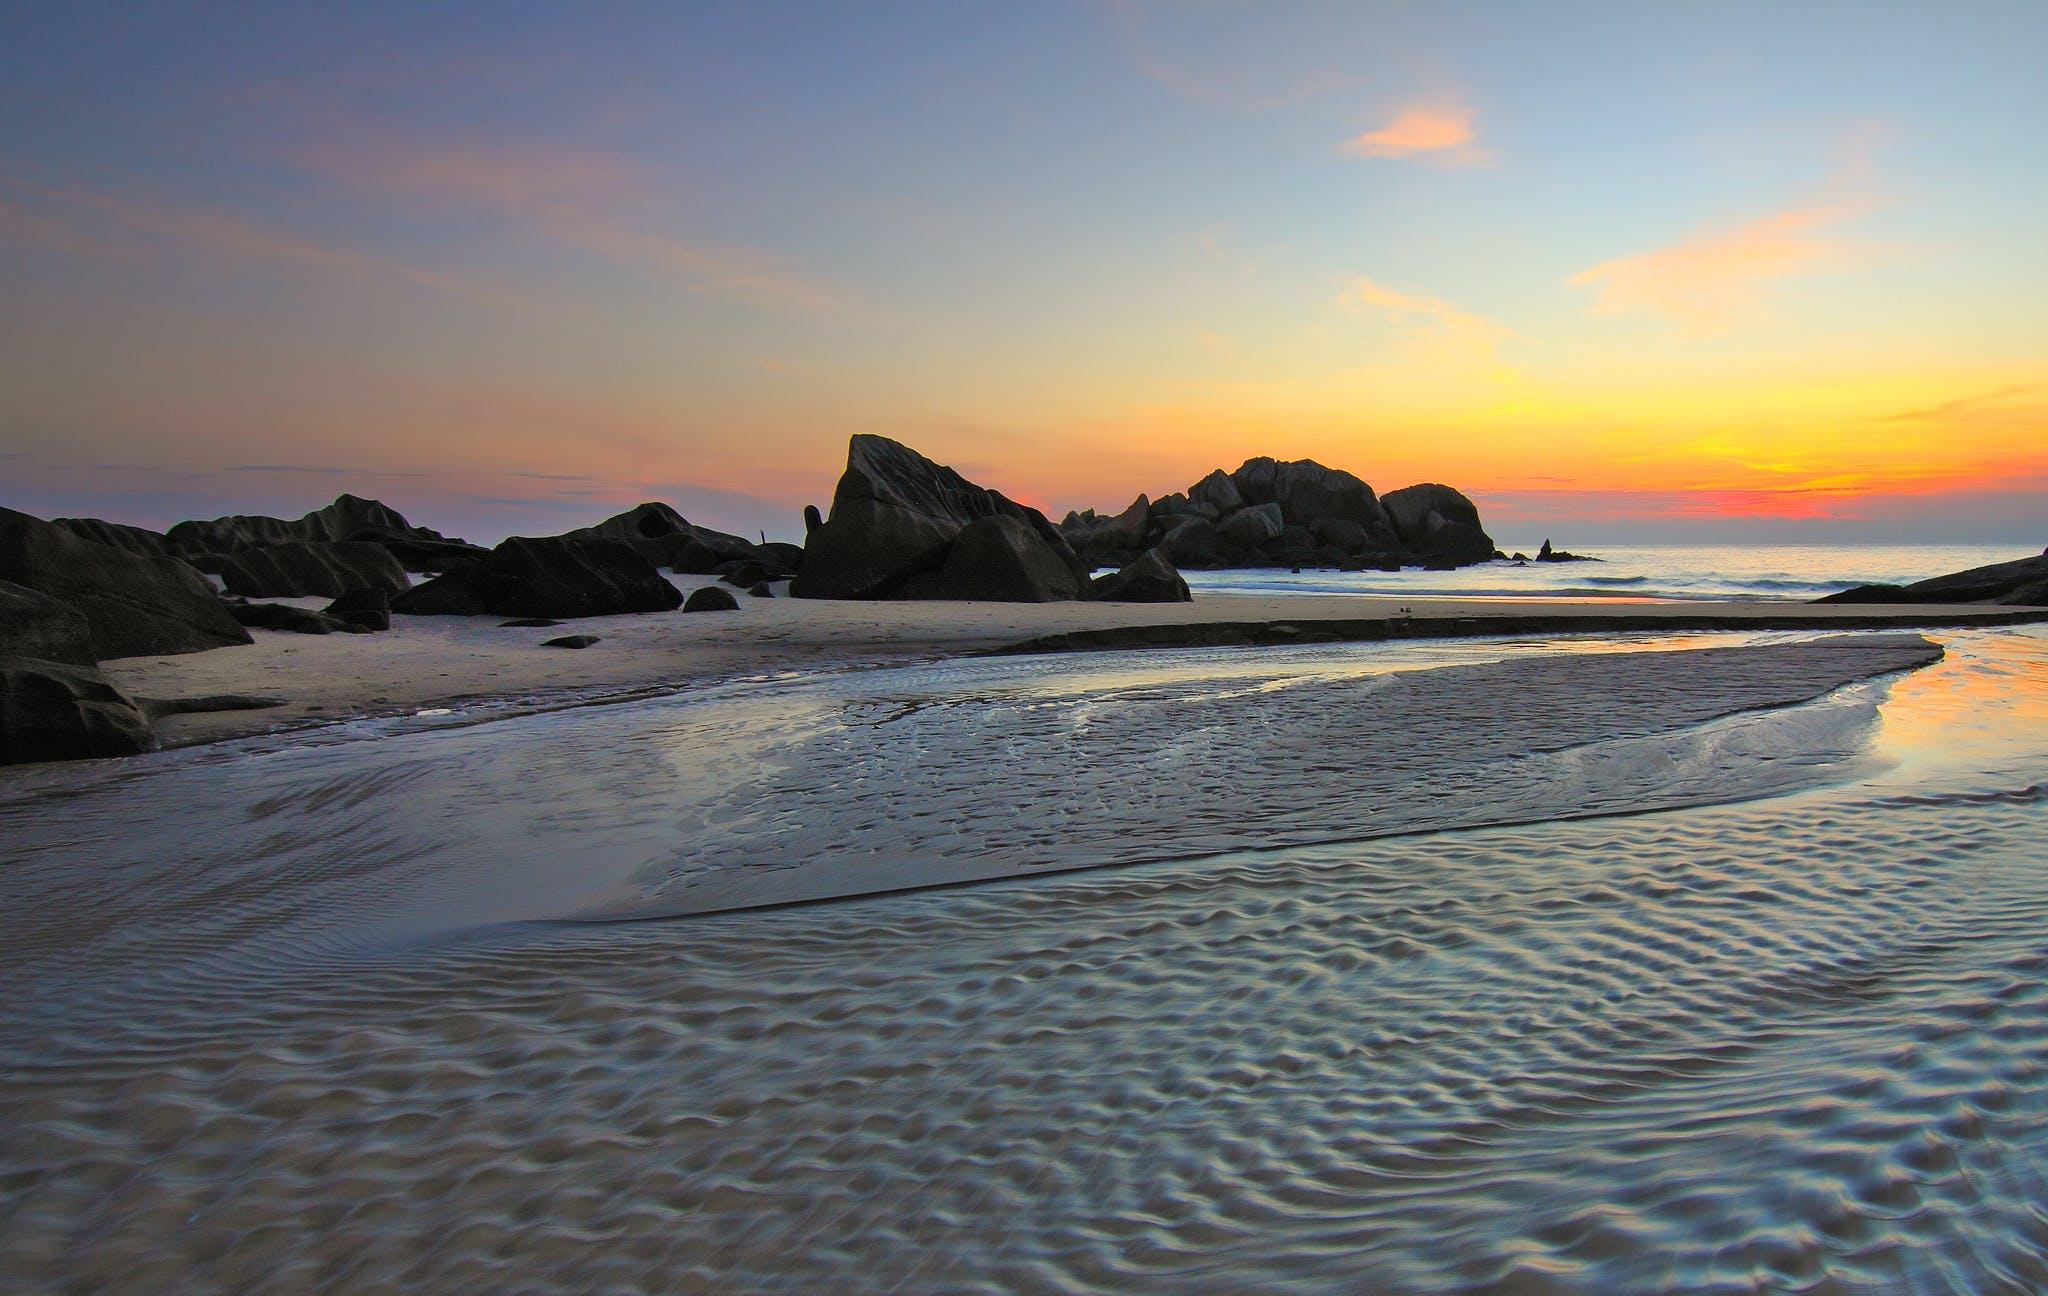 về bầu trời, biển, bình dị, bình minh